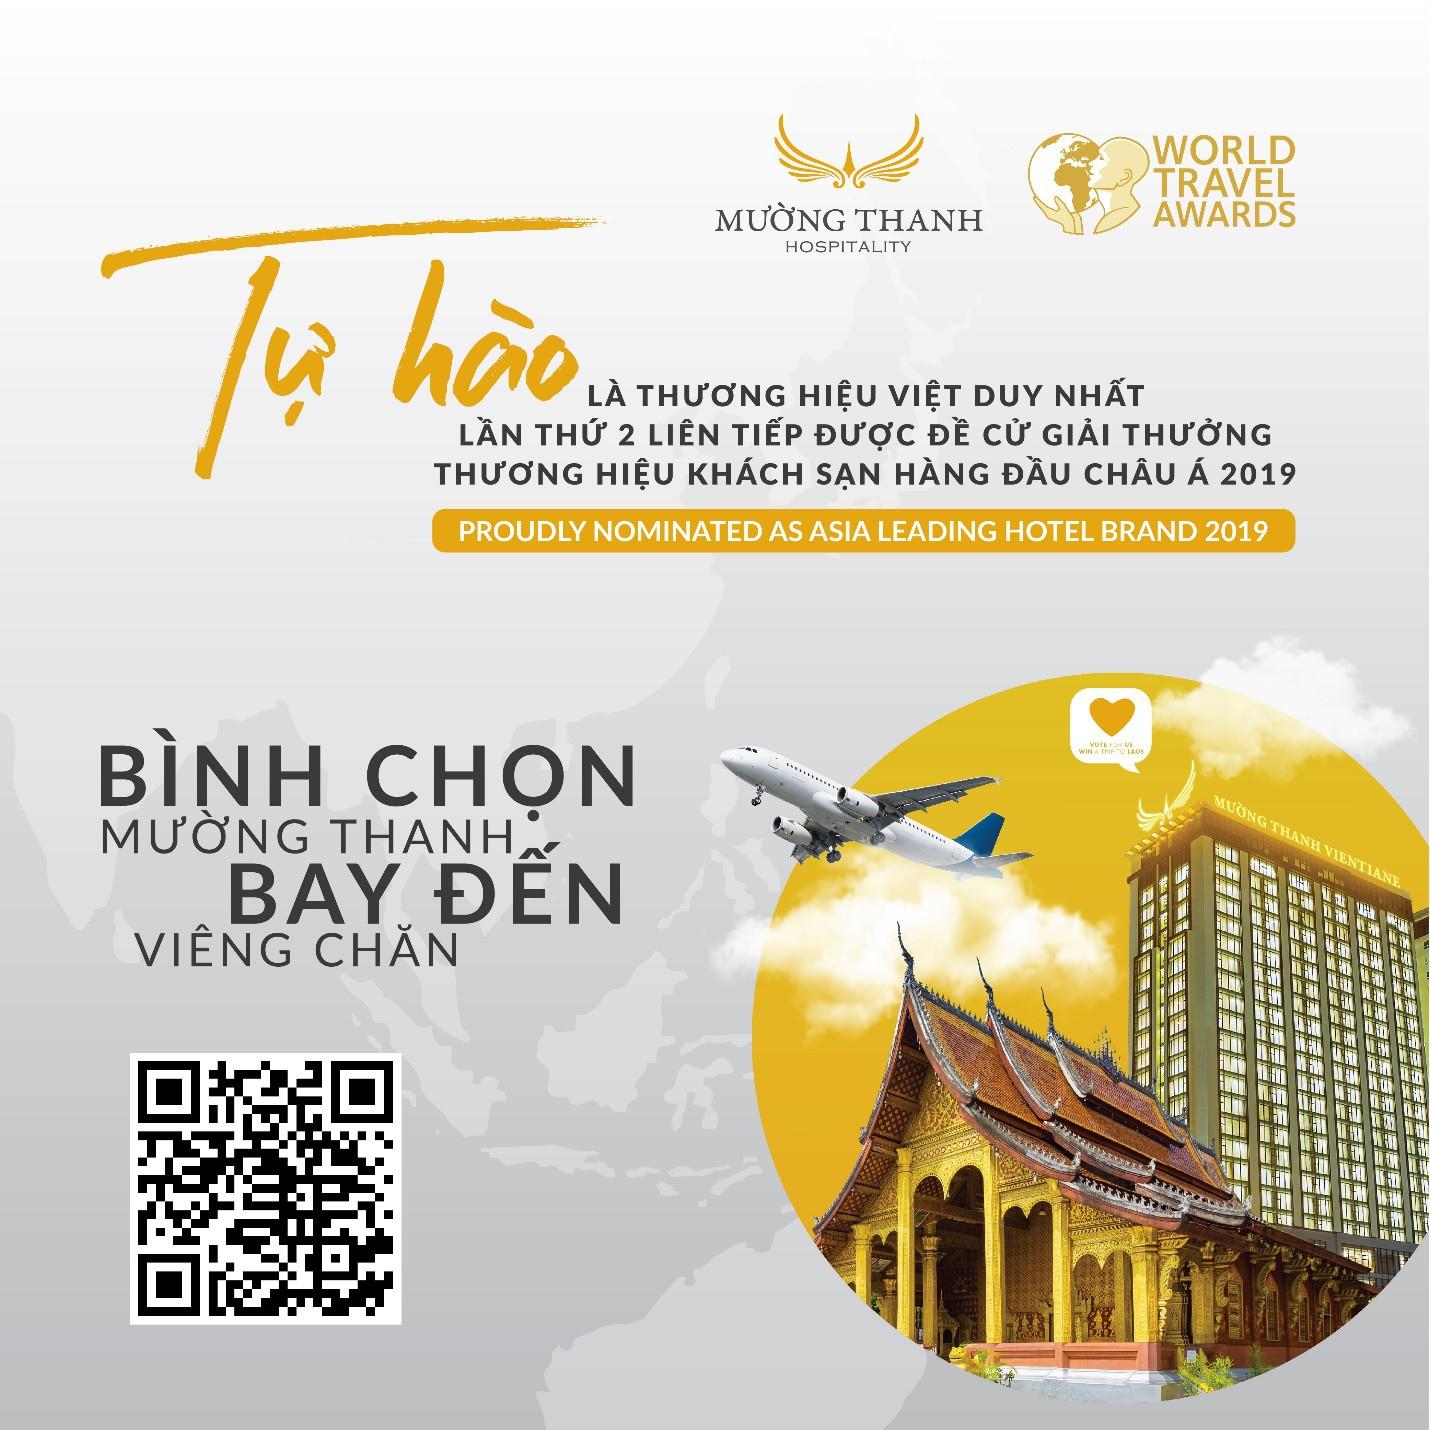 Thanh tiếp tục lọt đề cử 'Thương hiệu khách sạn hàng đầu Châu Á 2019 của WTA - Ảnh 2.